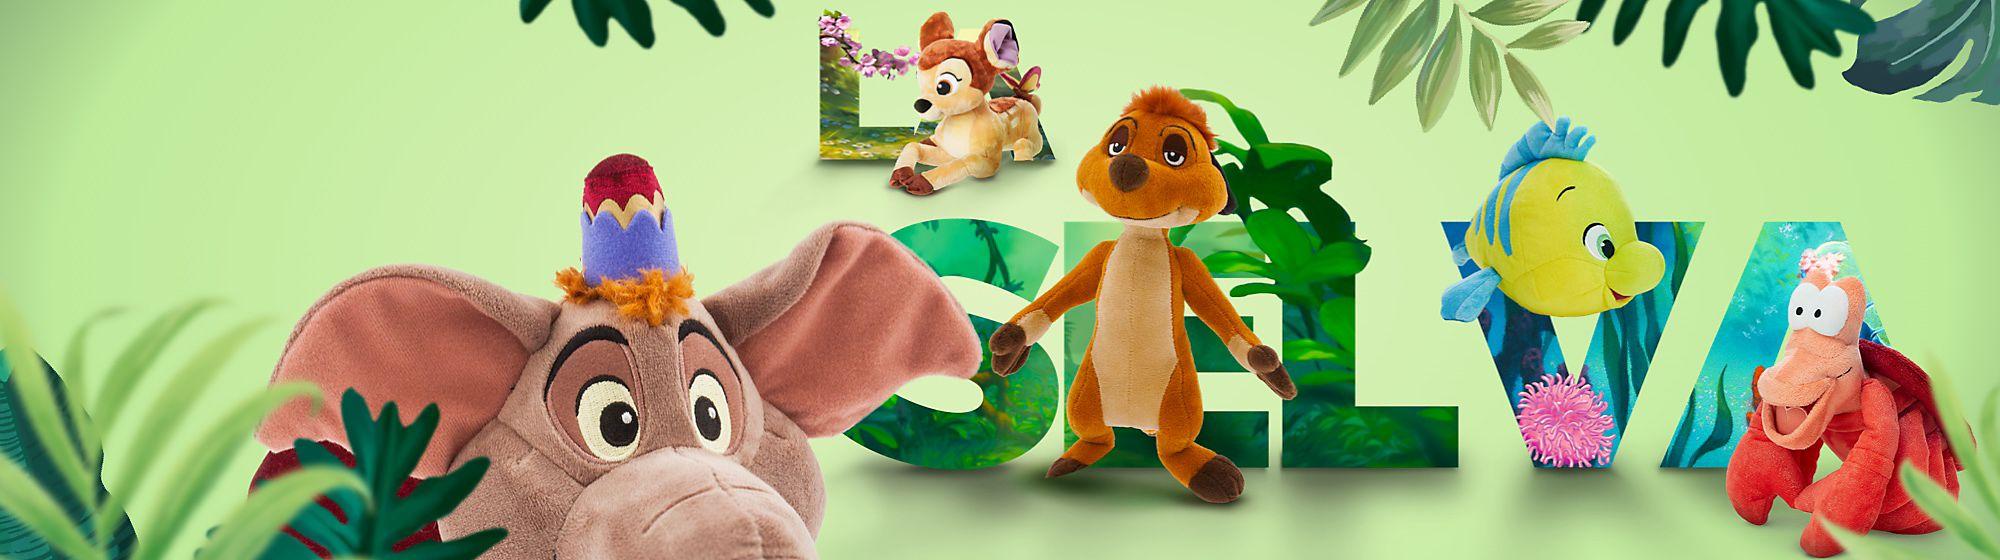 Todos los animales Te traemos una original colección inspirada en las queridas criaturas Disney